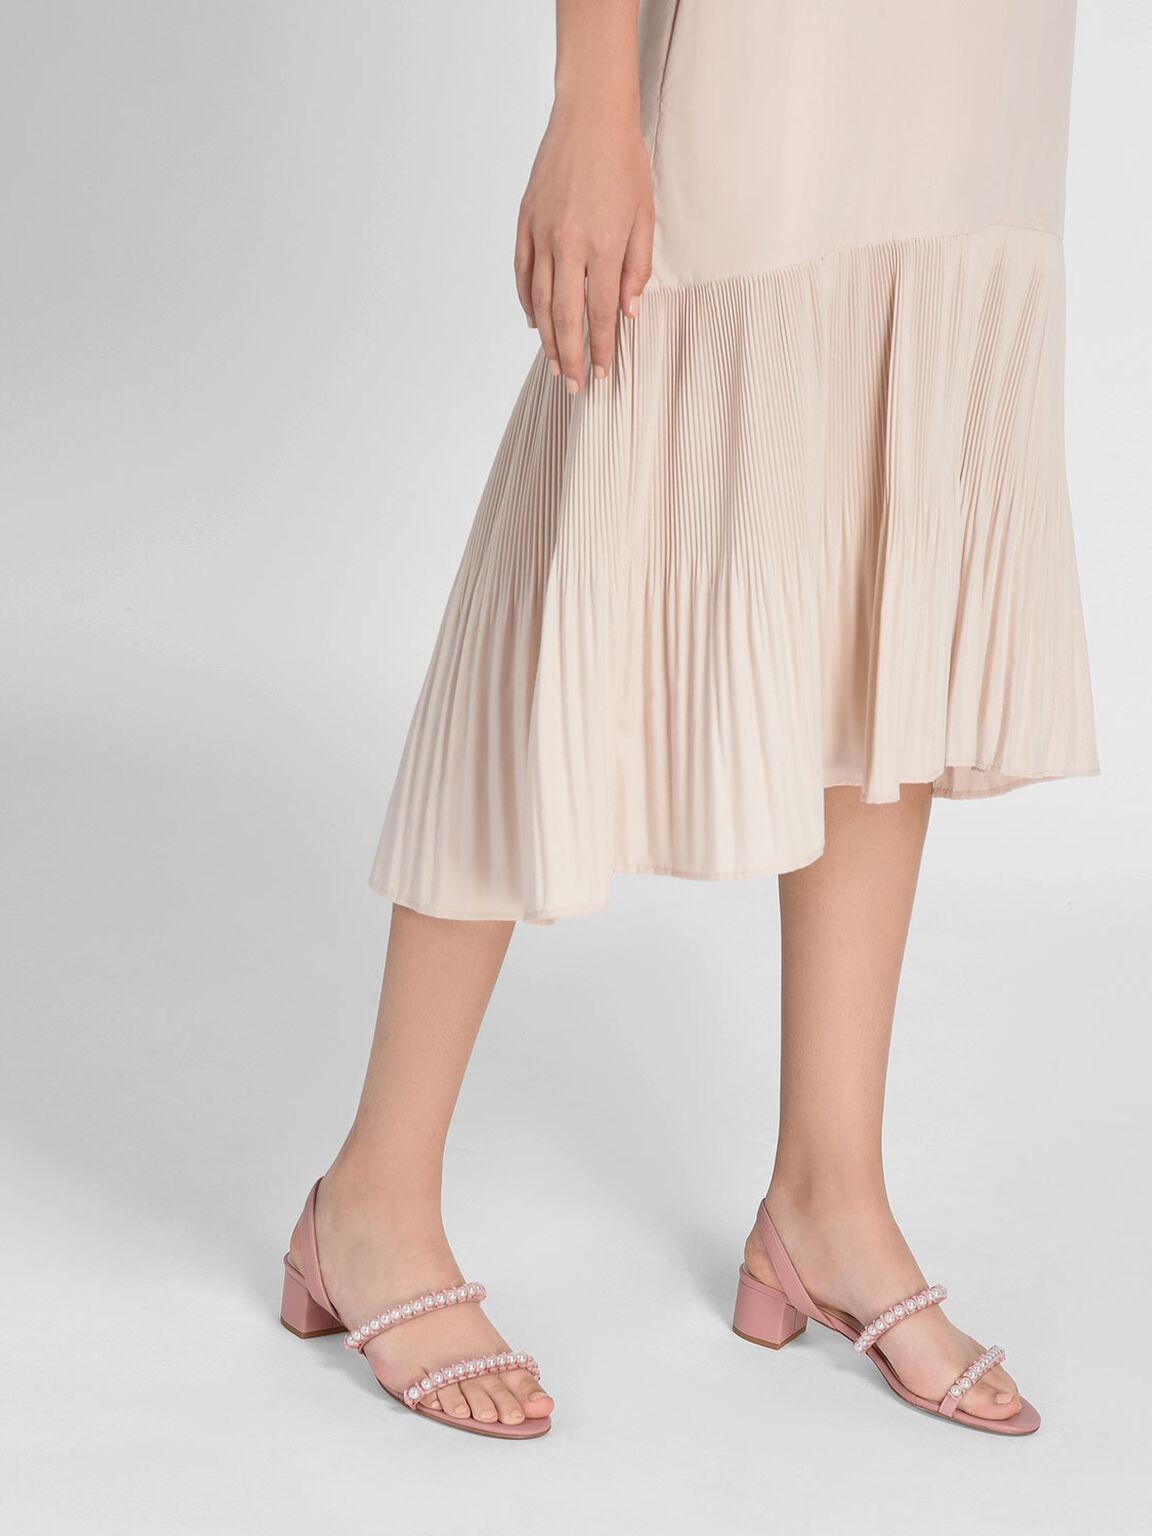 Pearl Embellished Slingback Sandals, Pink, hi-res